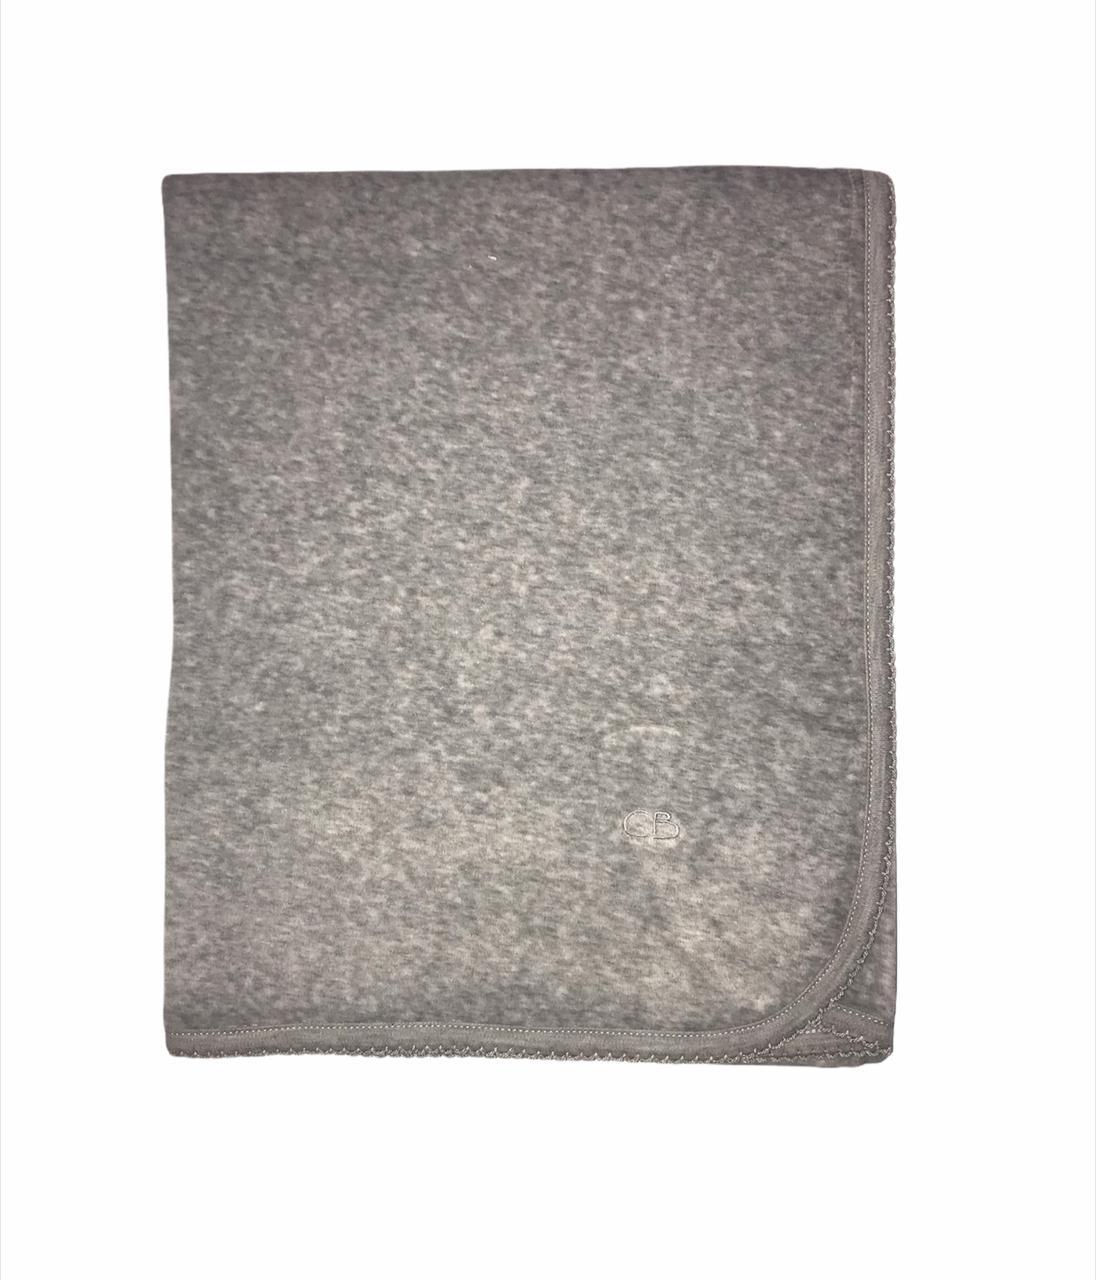 Manta basica plush gris